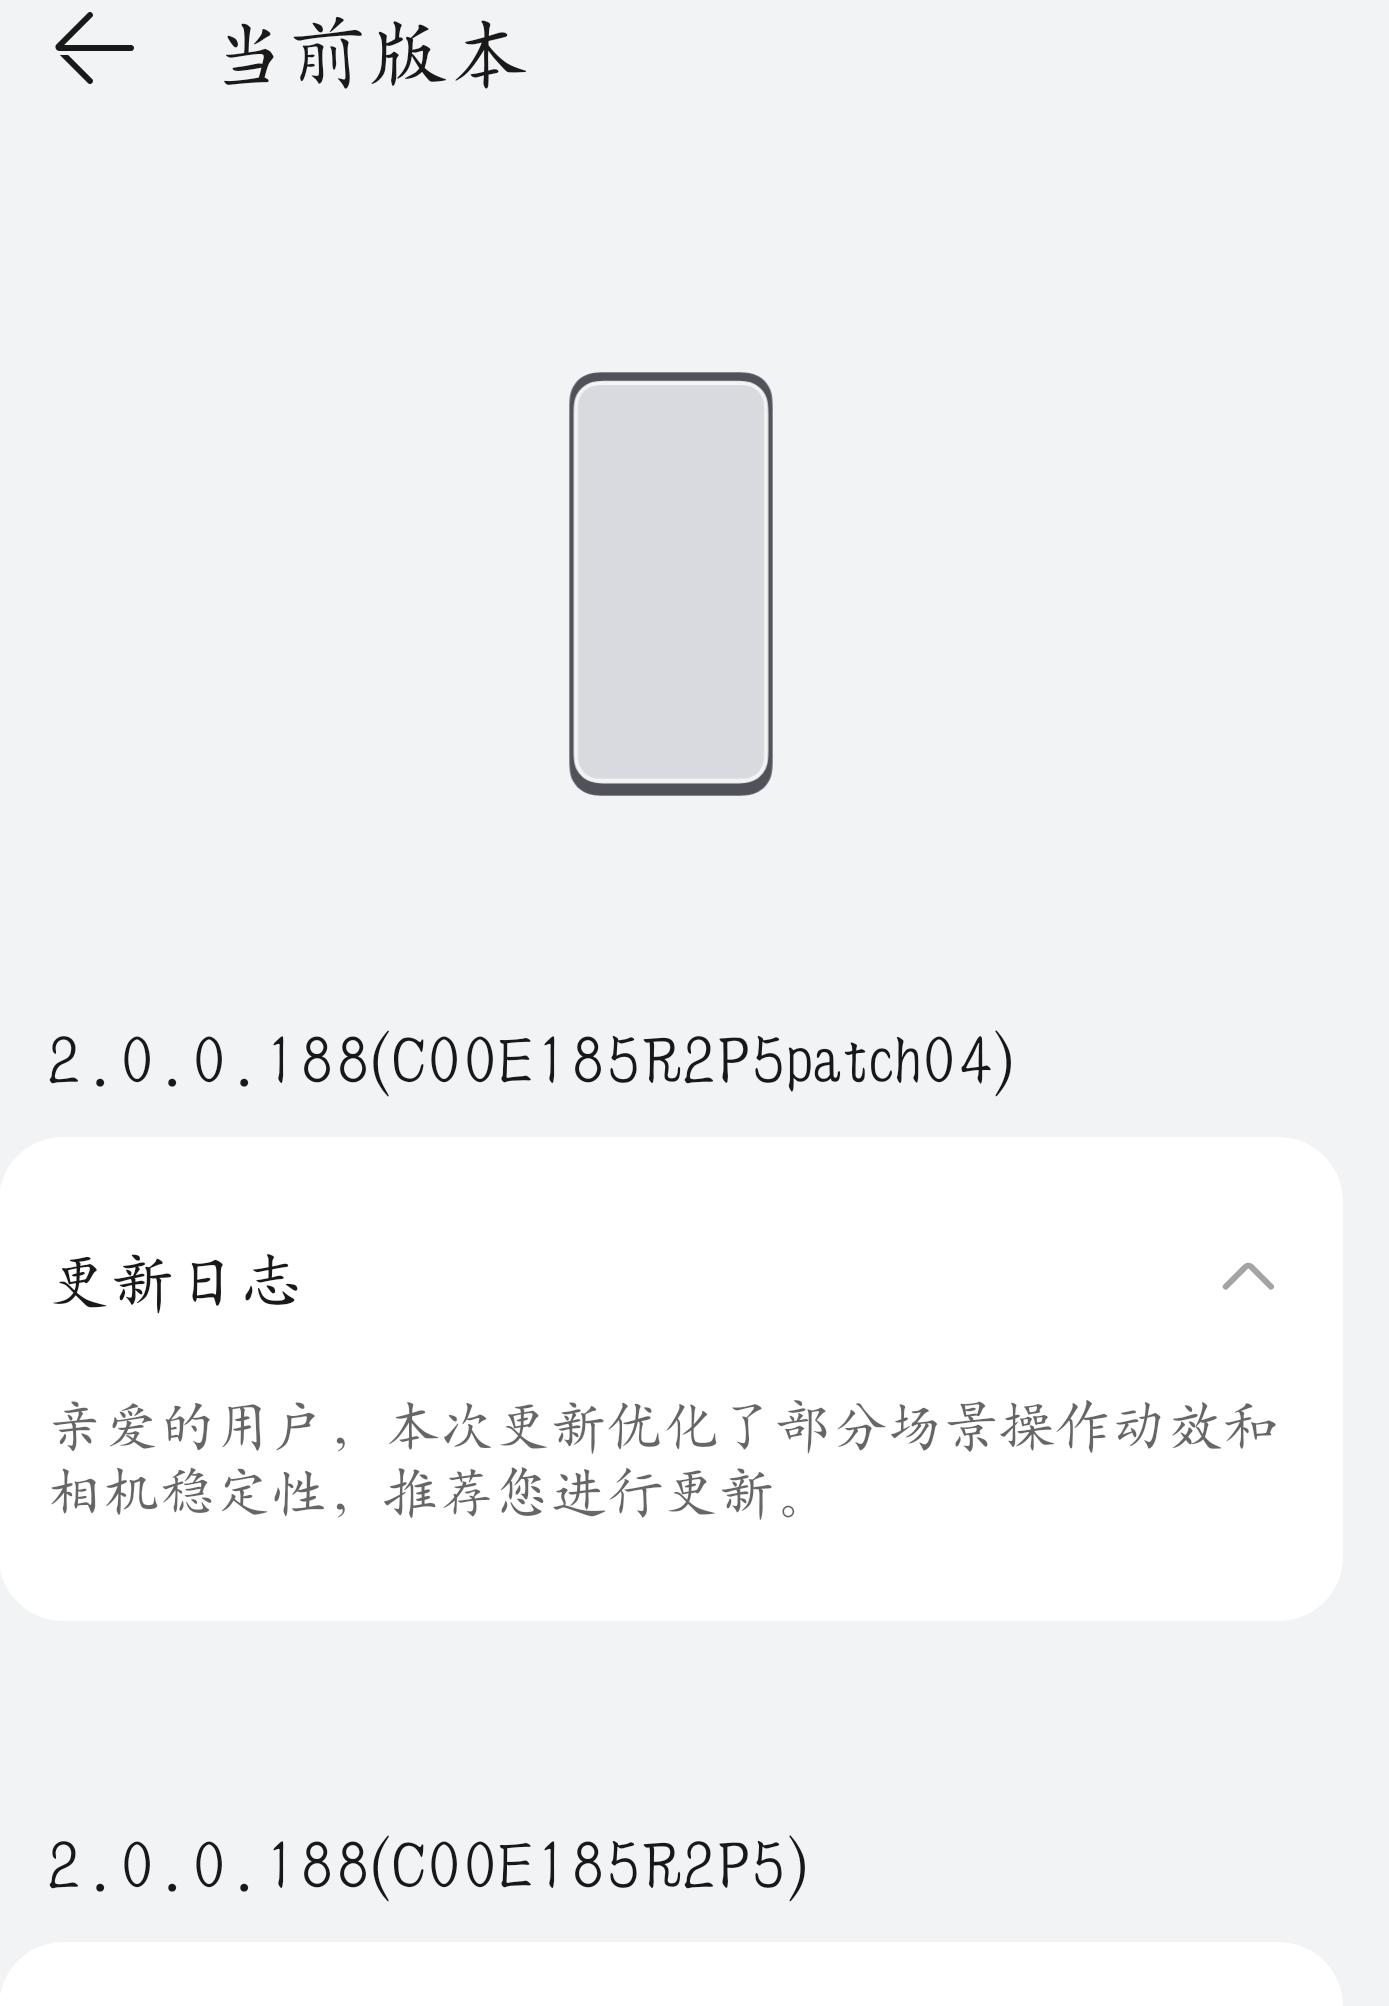 Screenshot_20210915_183310_com.huawei.android.hwouc.png